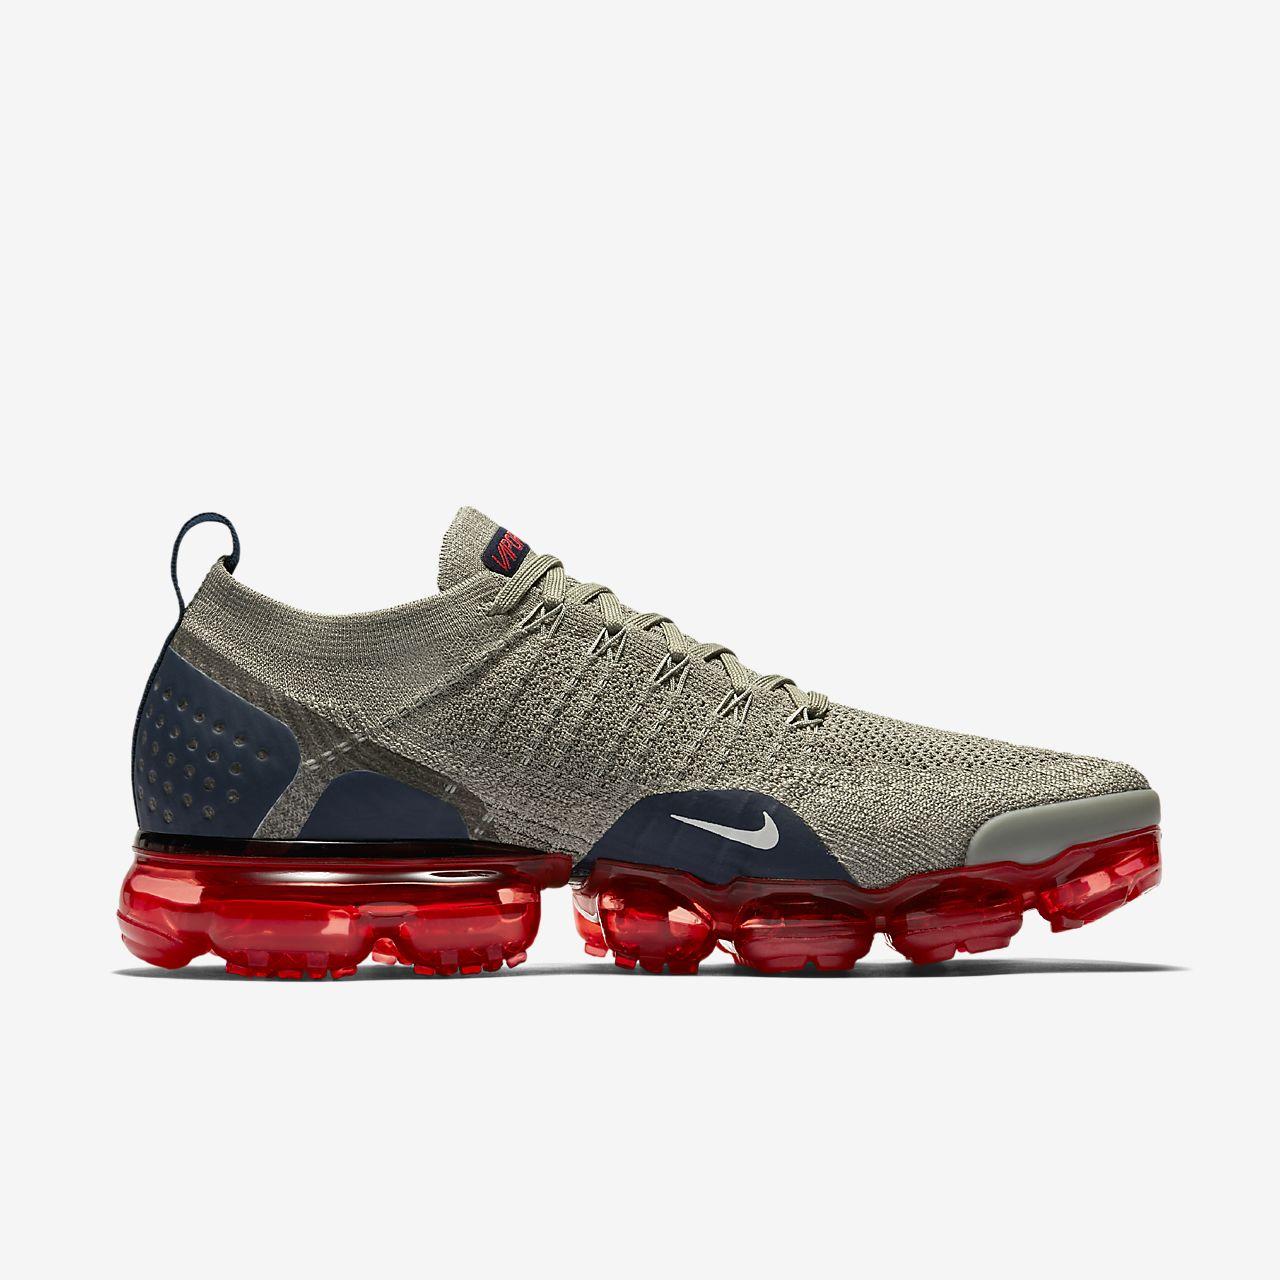 6da8d85d6f64 new zealand nike air vapormax flyknit 2 mens running shoe 430d5 3e26f